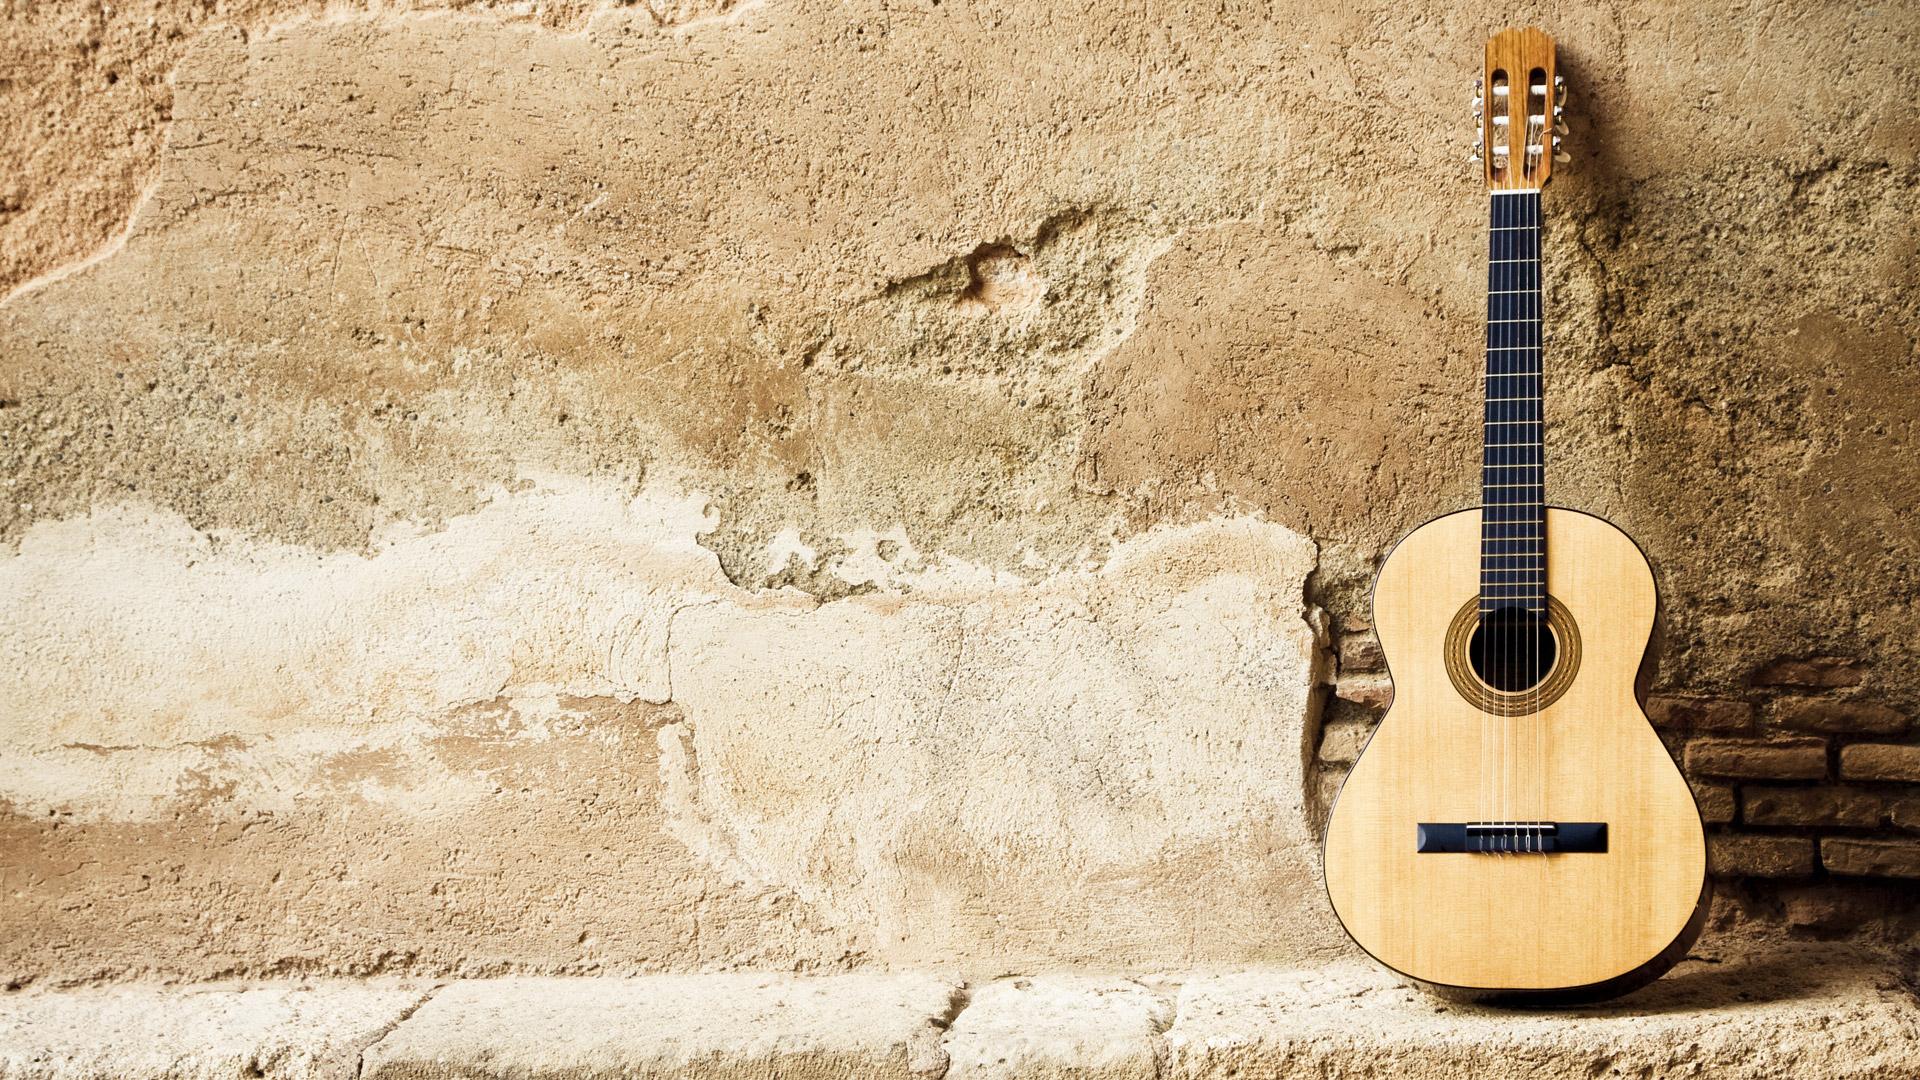 guitar wallpaper high resolution - wallpapersafari